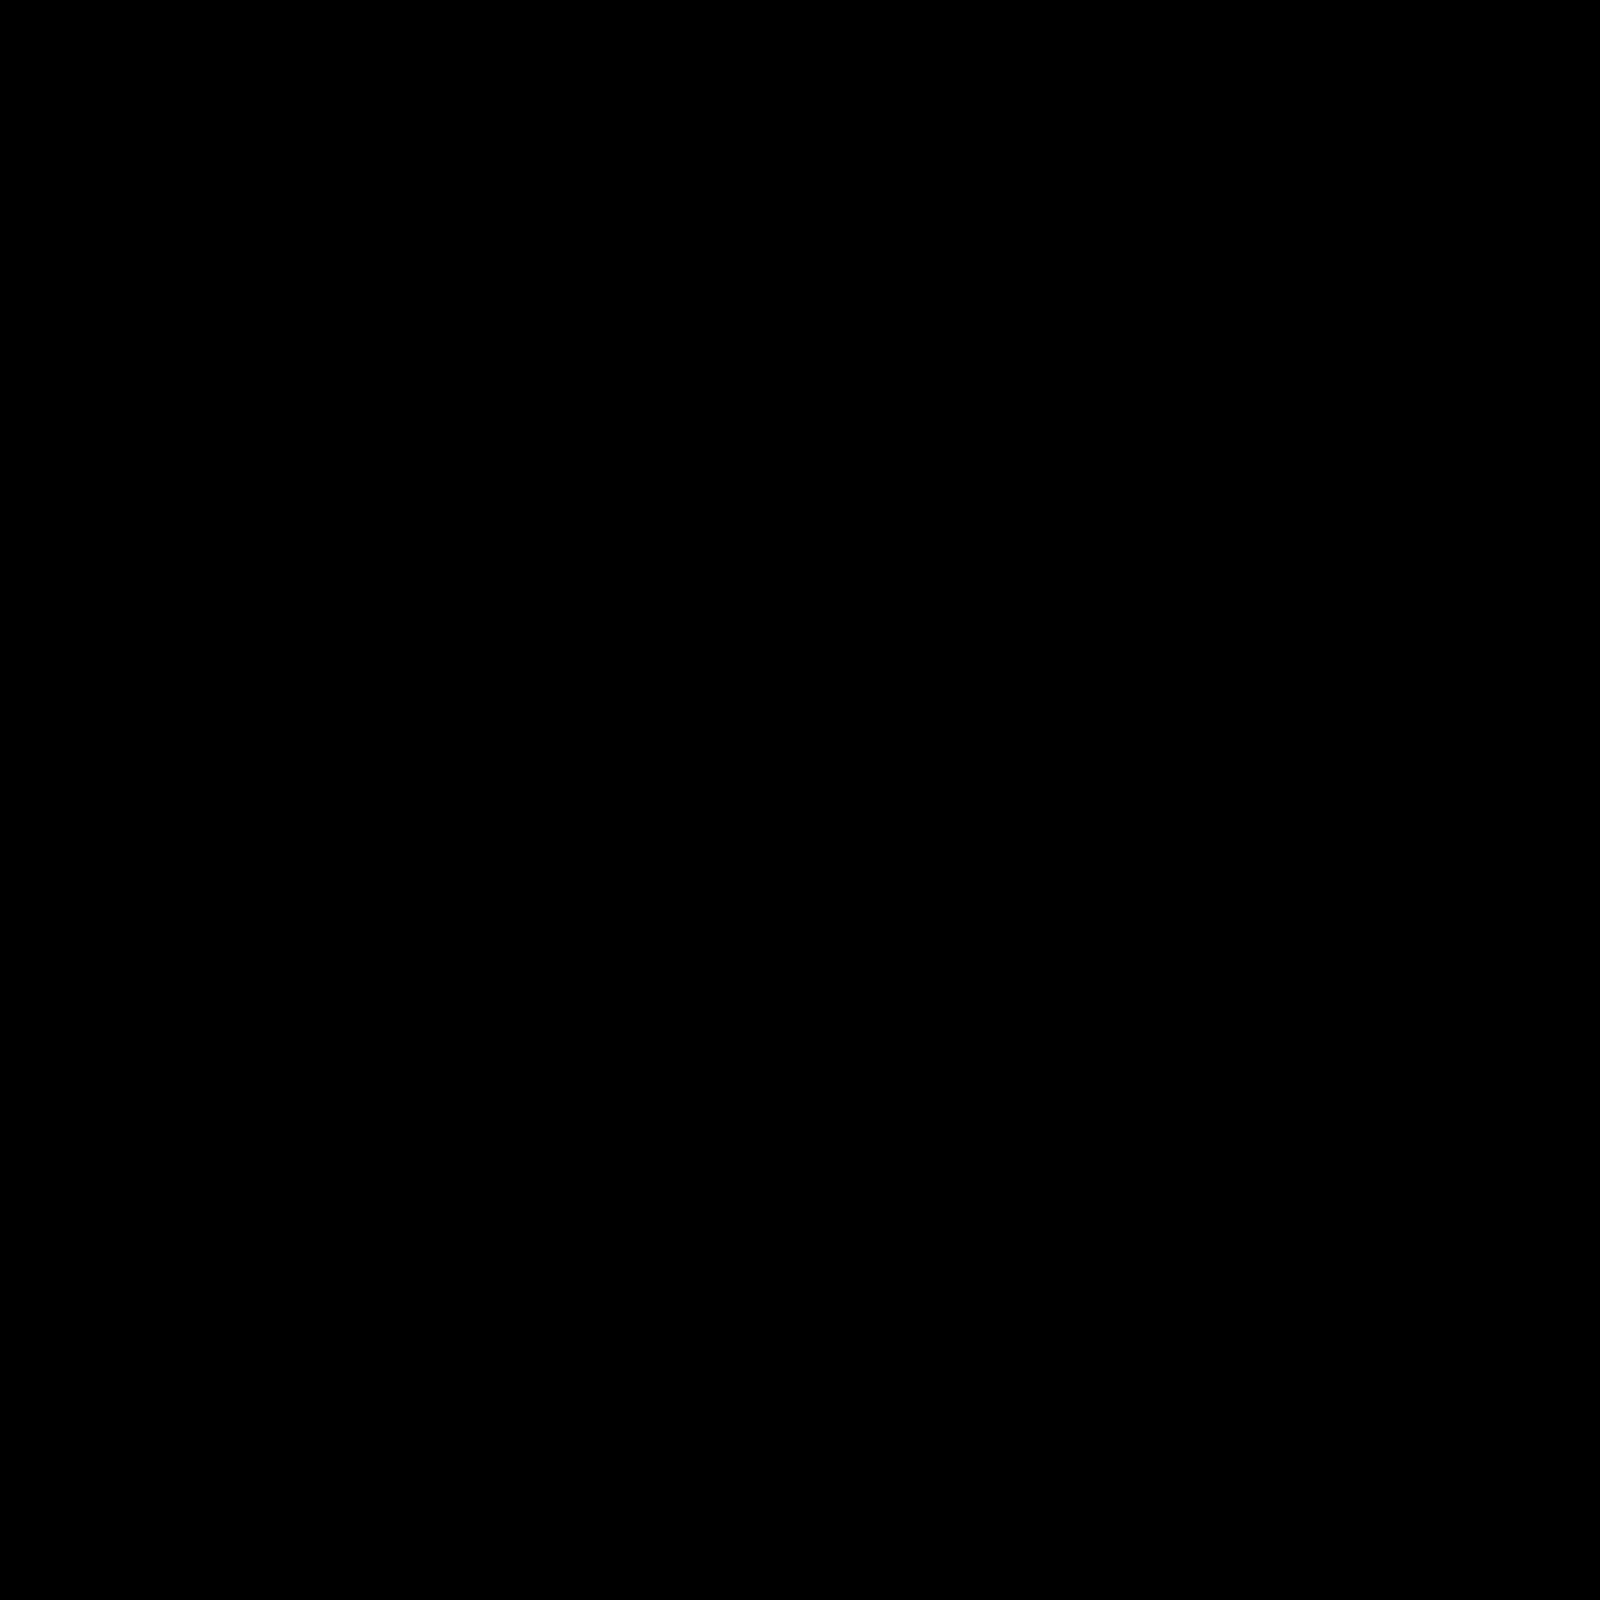 マイク停止 icon. There is an image of a microphone. There is a circle with a diagonal line through it in front of the microphone.